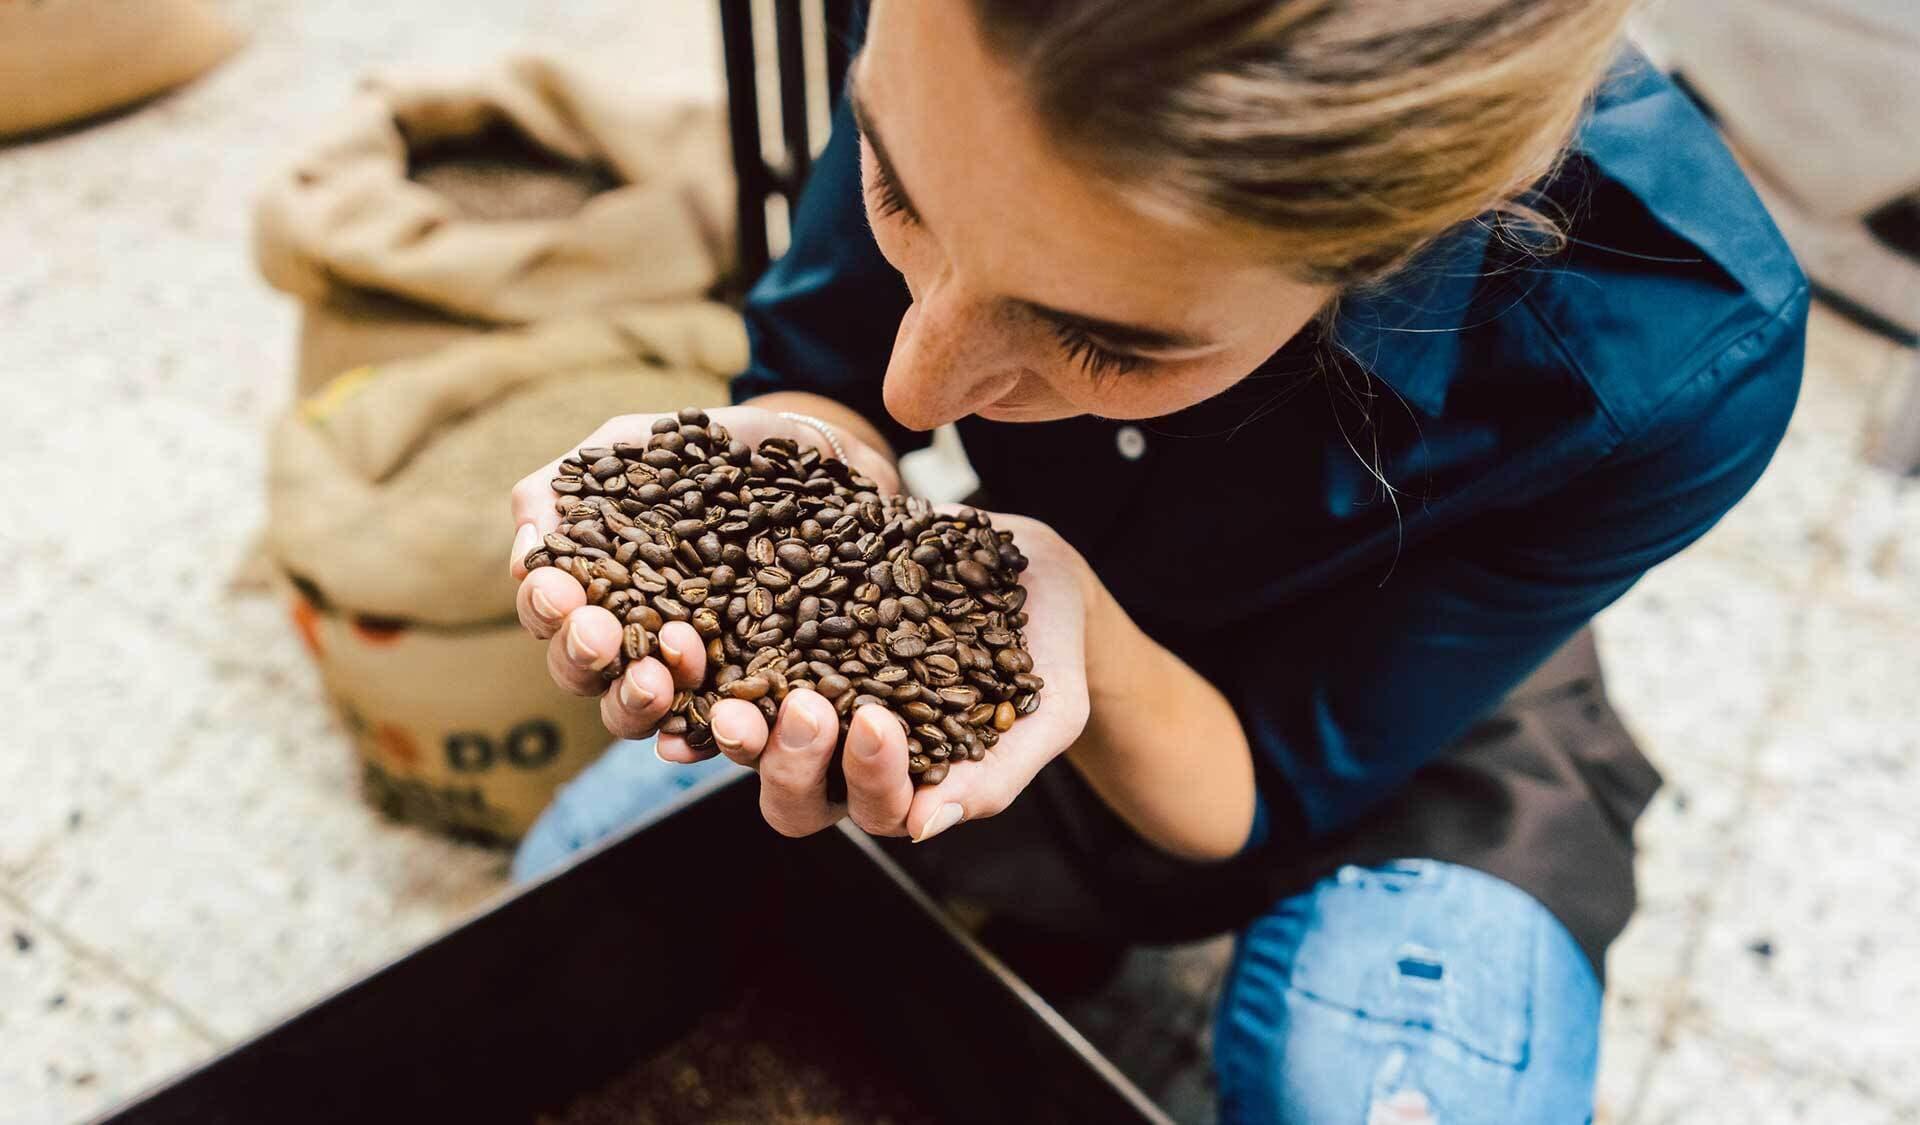 Frau mit zwei Händen voll Kaffeebohnen